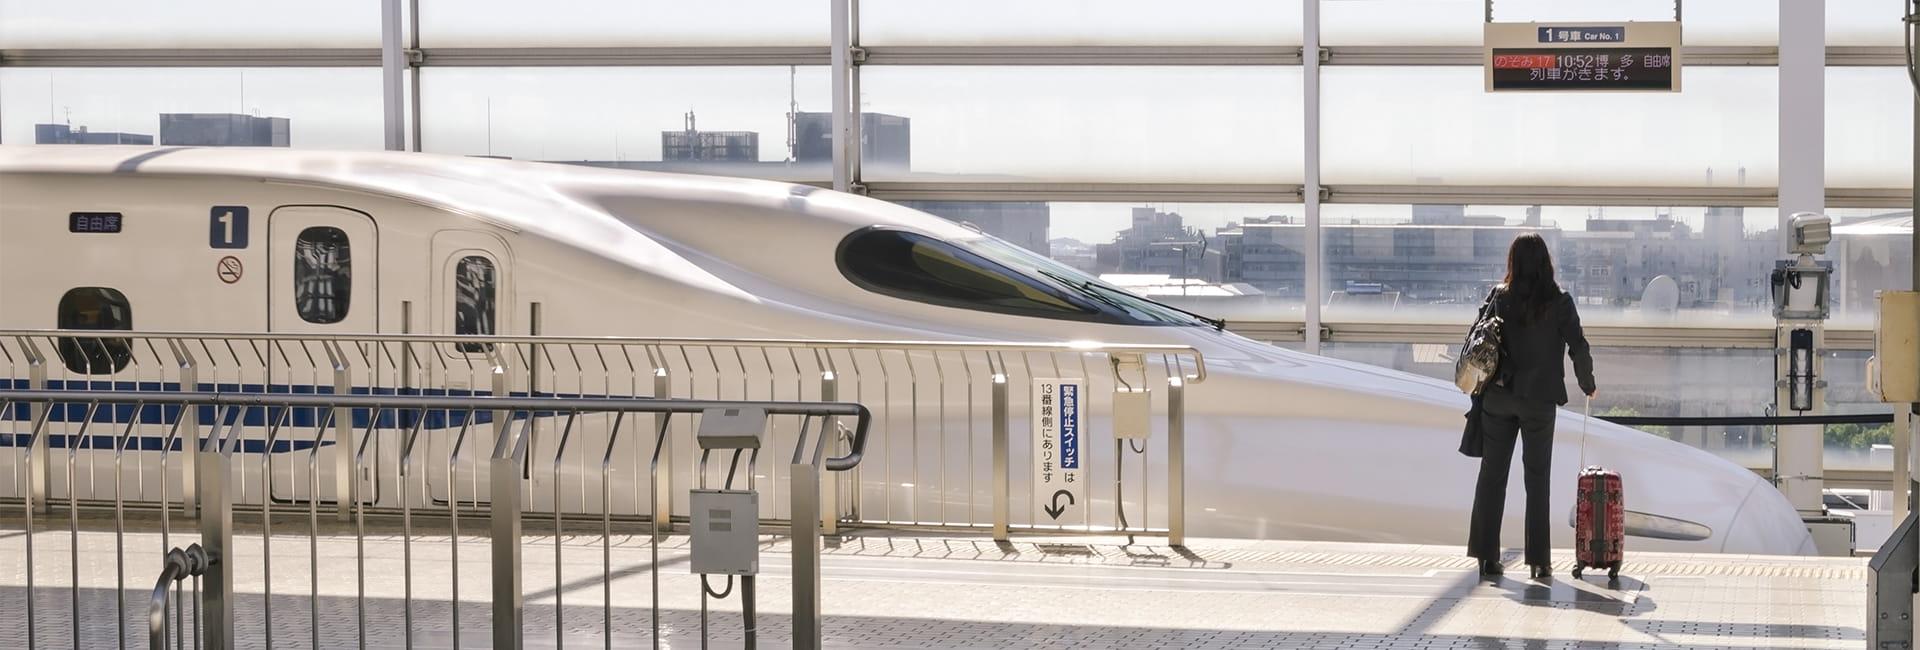 shinkansen en gare